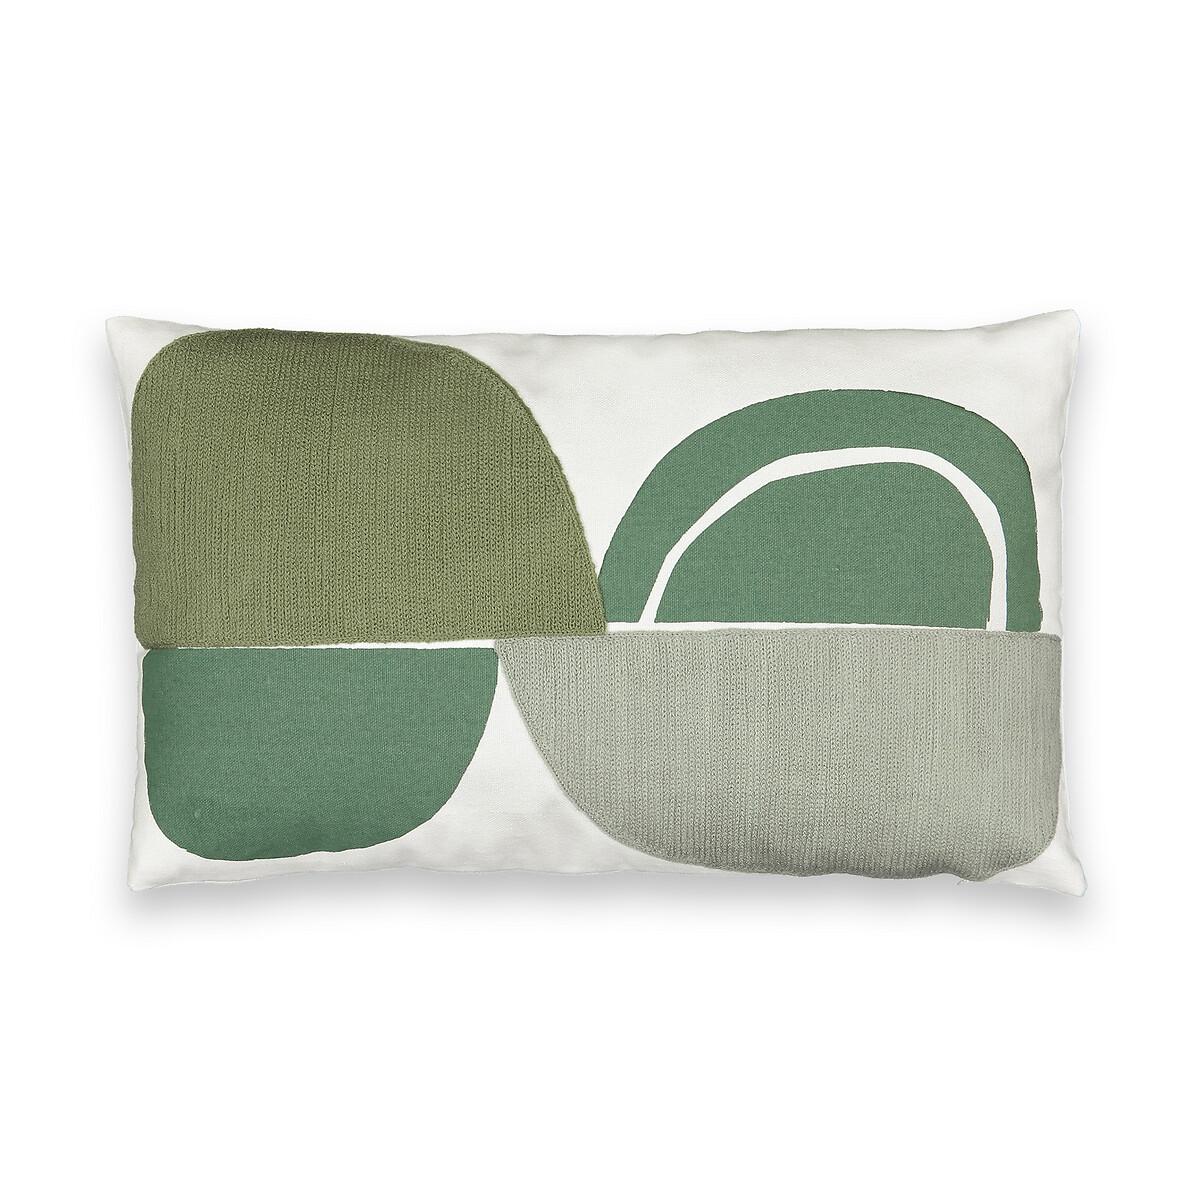 Чехол LaRedoute Для подушки Comoe 50 x 30 см зеленый